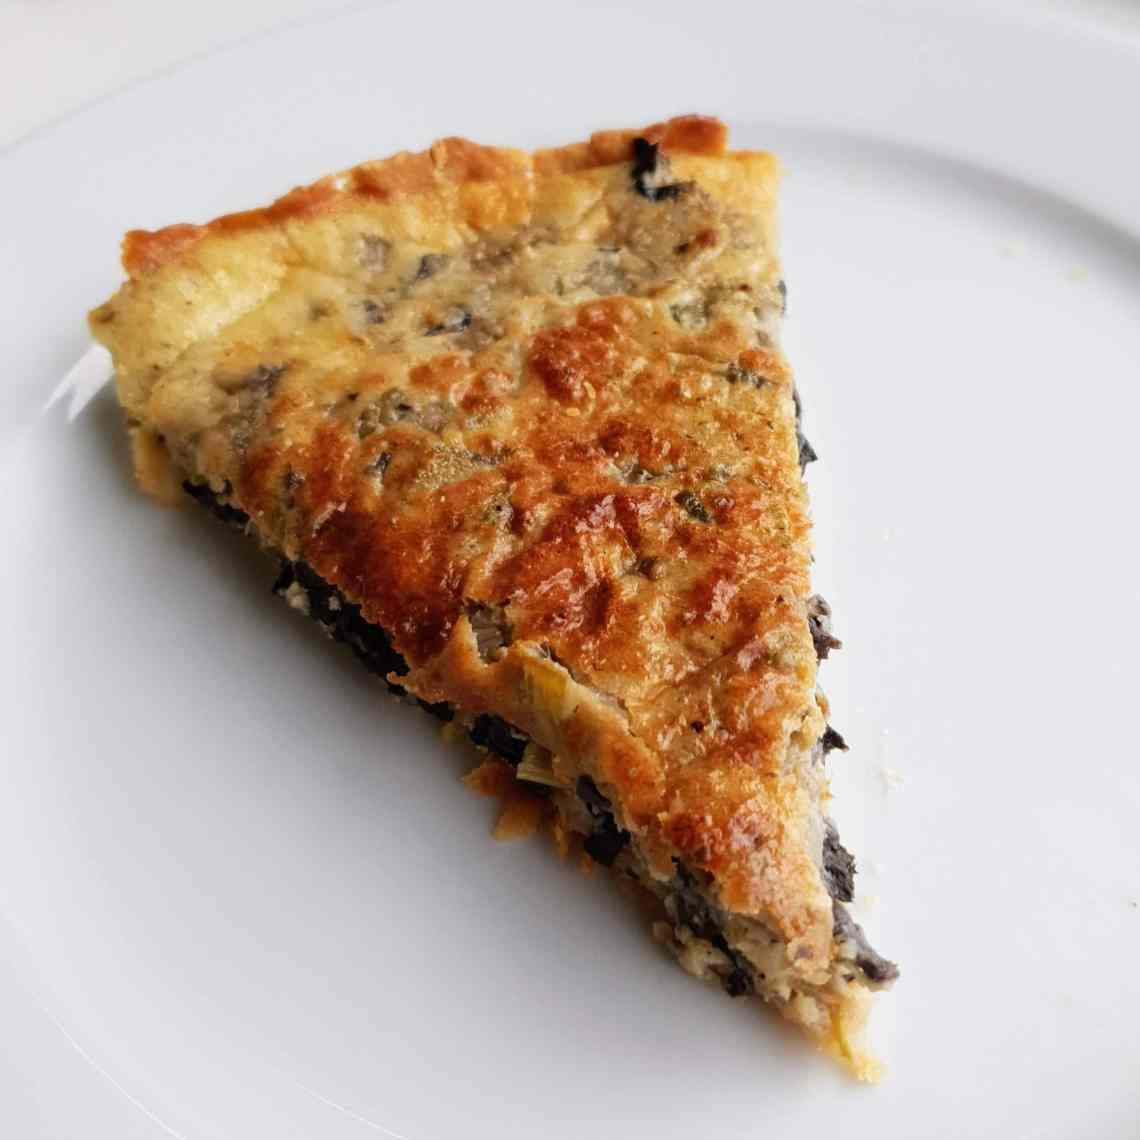 Svampe-porretærte - tærte med svampe og porre. Efterår er svampetid, find selv svampe i skoven - eller i grøntafdelingen, og lav en lækker svampe-porretærte. Super god vegetarret til aftensmad, frokost eller brunch. Find opskrifter, gratis print og inspiration til årets gang på danishthings.com #DanishThings #svampe #parykblækhat #trompetsvampe #champignon #portobello #karljohan #rørhat #kantareller #spisesvampe #svampetærte #svampe-porretærte #svampesauce #efterår #lækkert #umami